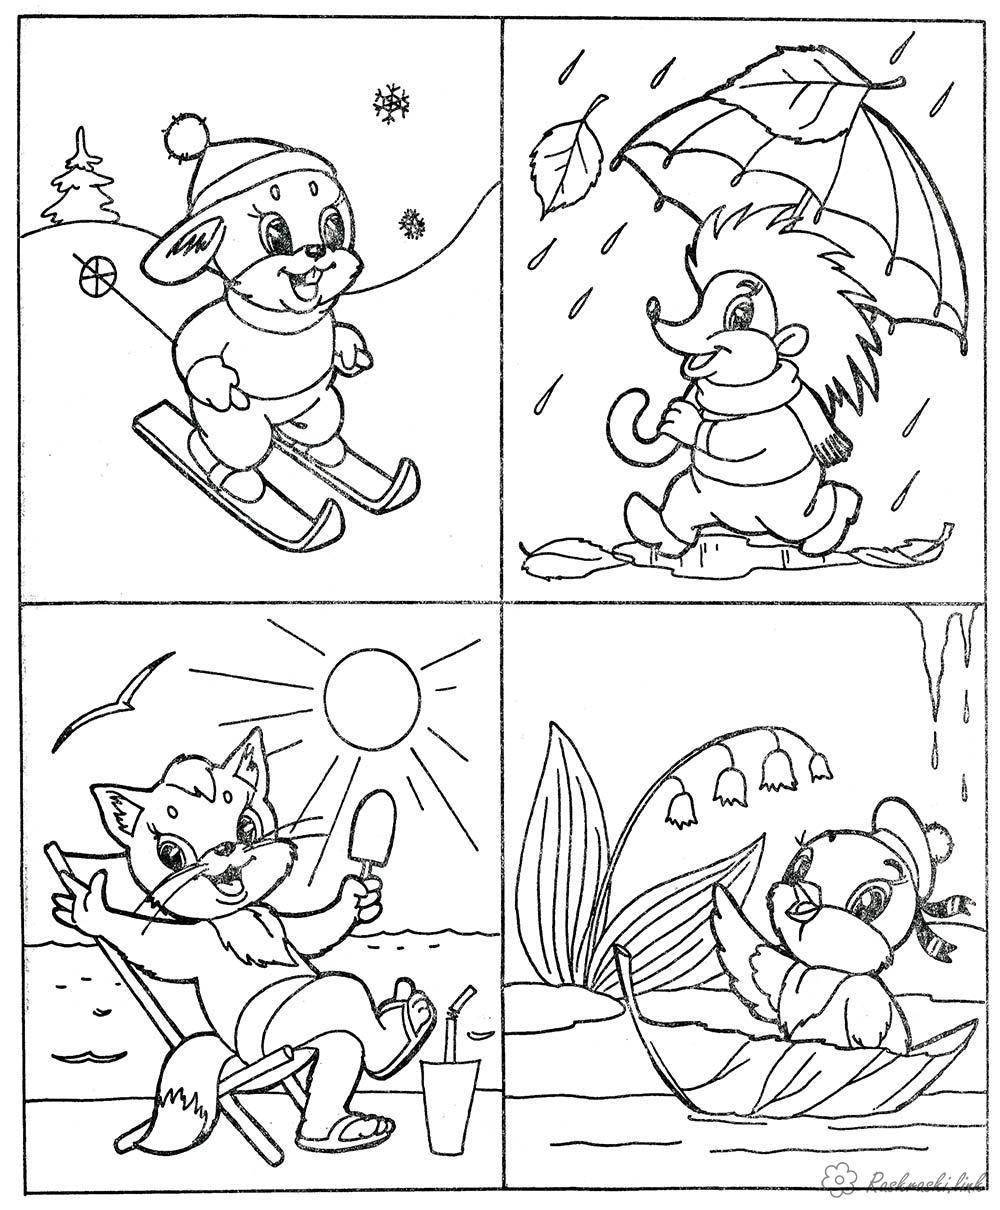 Раскраски явления детская расркаска яления природы, дождь, снег,  солнце